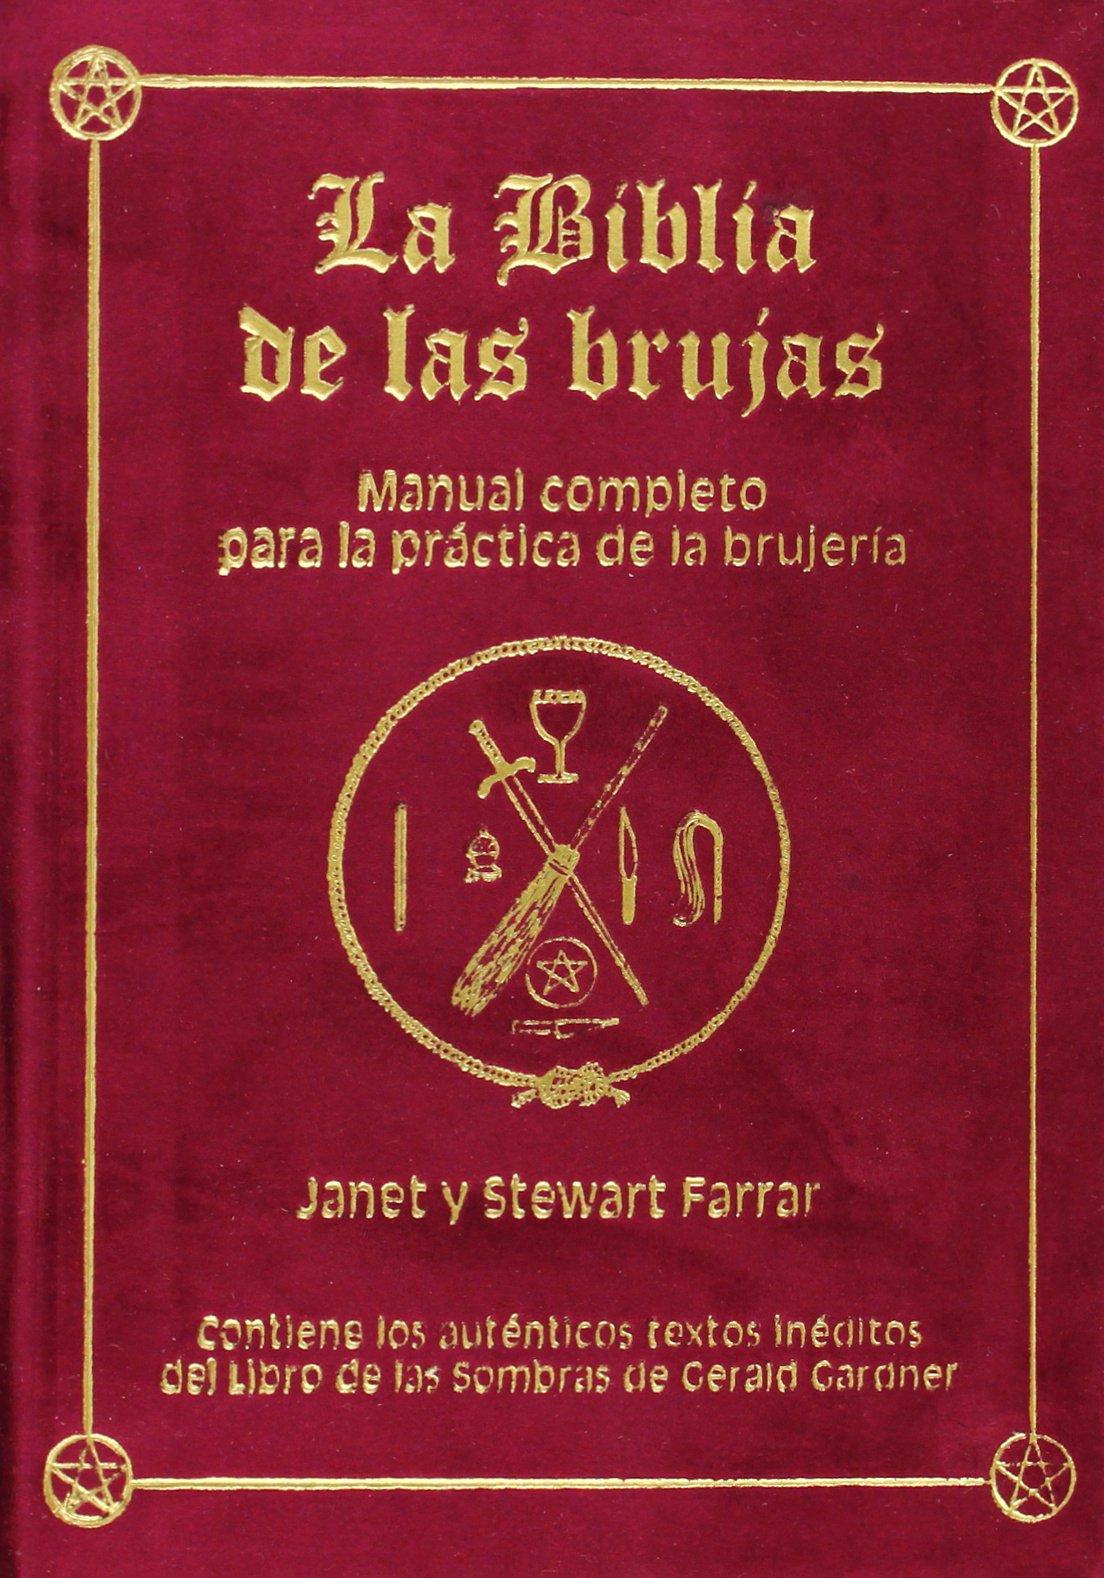 LA BIBLIA DE LAS BRUJAS. Obra completa. Terciopelo rojo: La Biblia de las brujas : manual completo para la práctica de la brujería